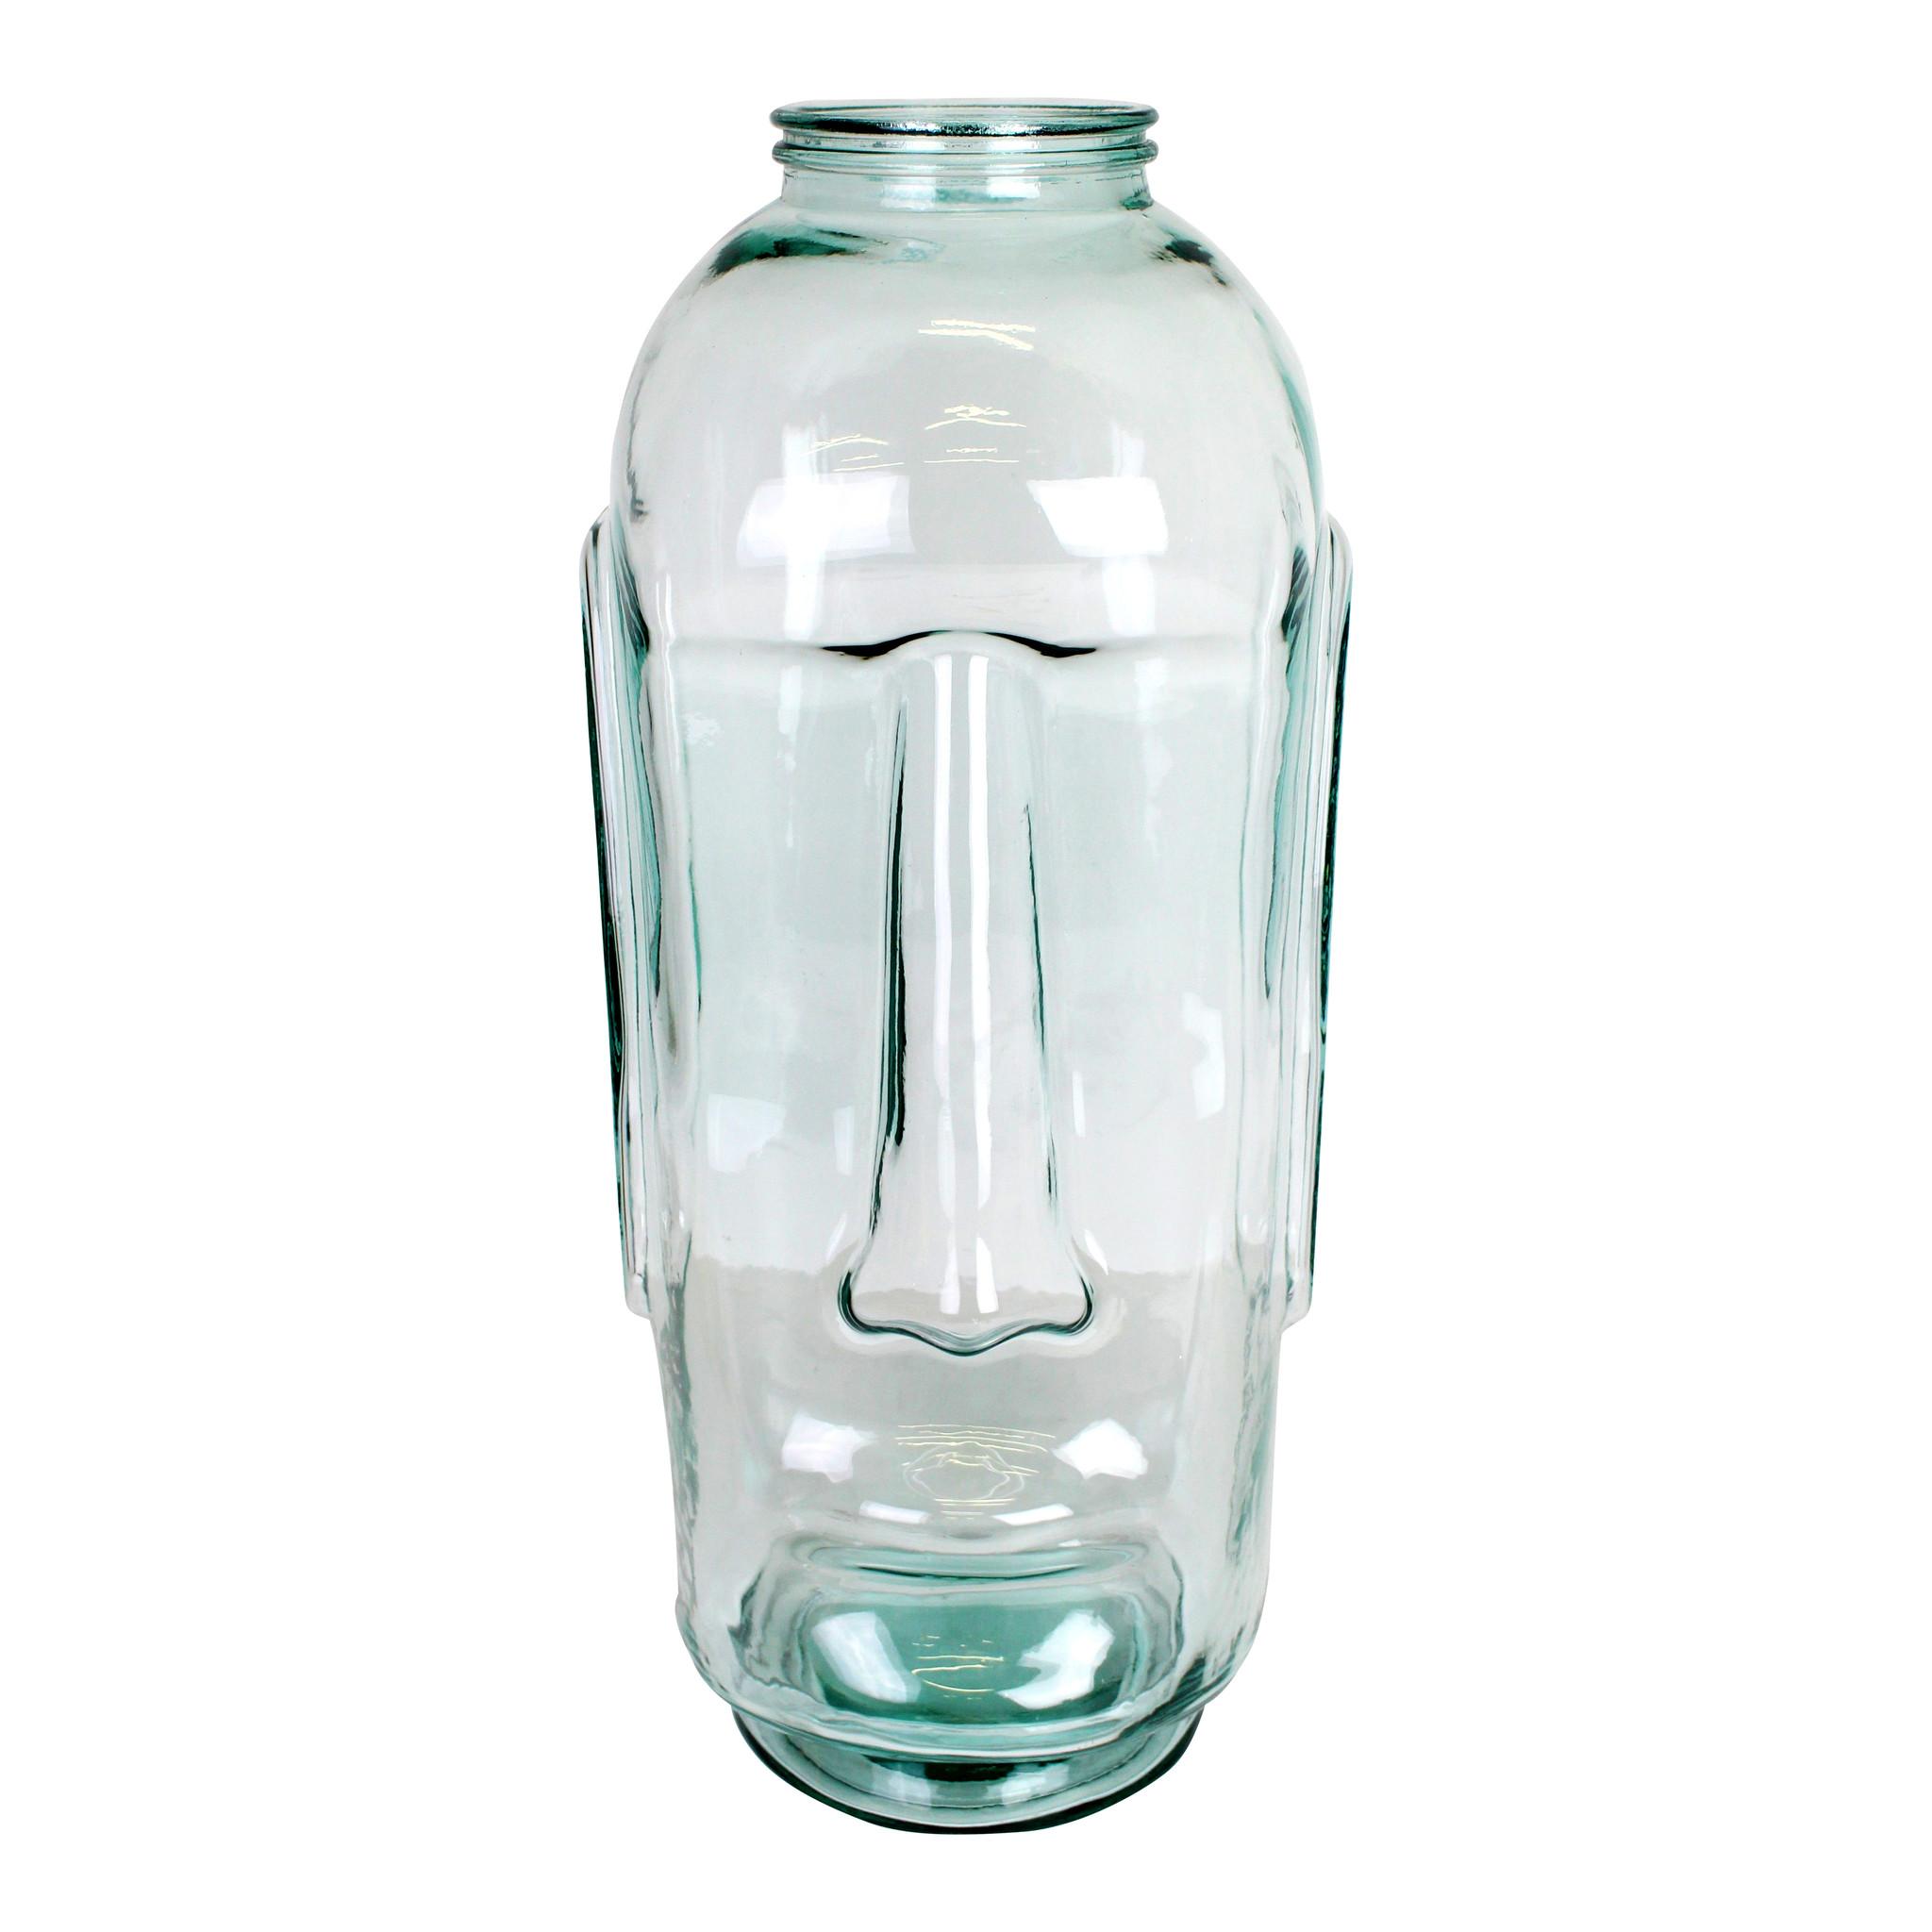 Grote Vaas Glas.Grote Design Vaas Van Glas Moai